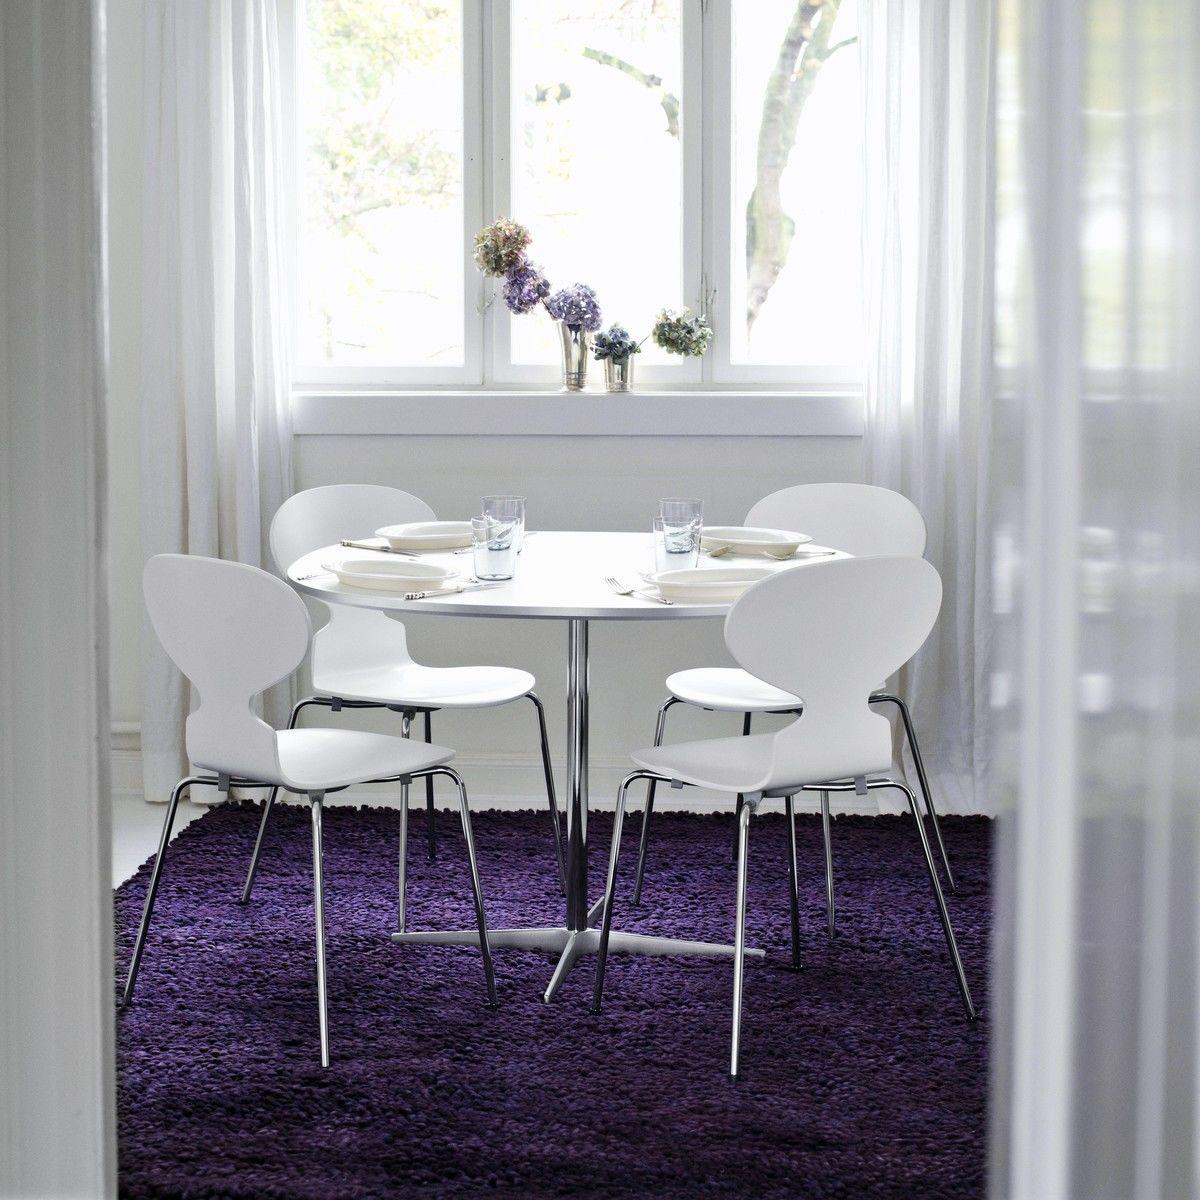 die ameise stuhl lasiert gestrichen 46 5cm fritz hansen. Black Bedroom Furniture Sets. Home Design Ideas